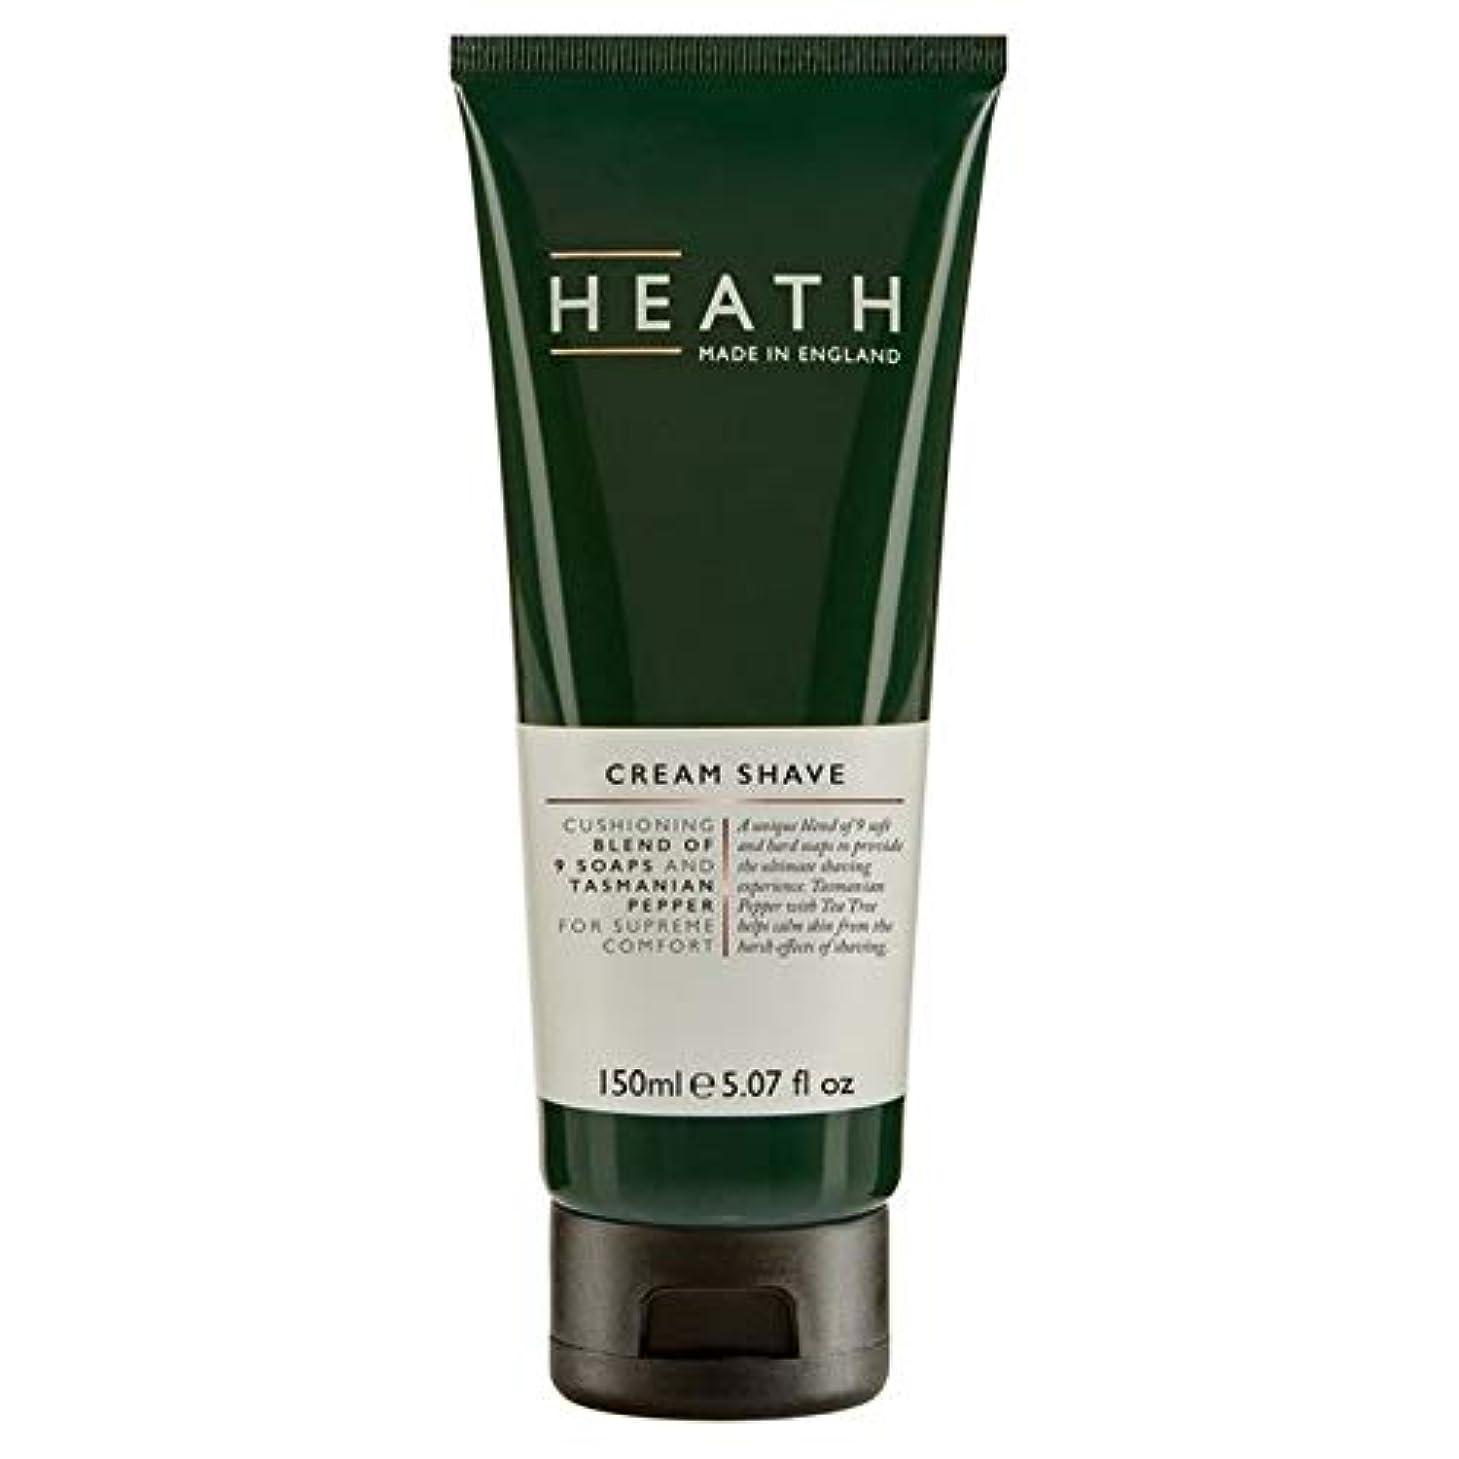 足首活性化する嫌い[Heath] ヒースクリームシェーブローション150Ml - Heath Cream Shave 150ml [並行輸入品]